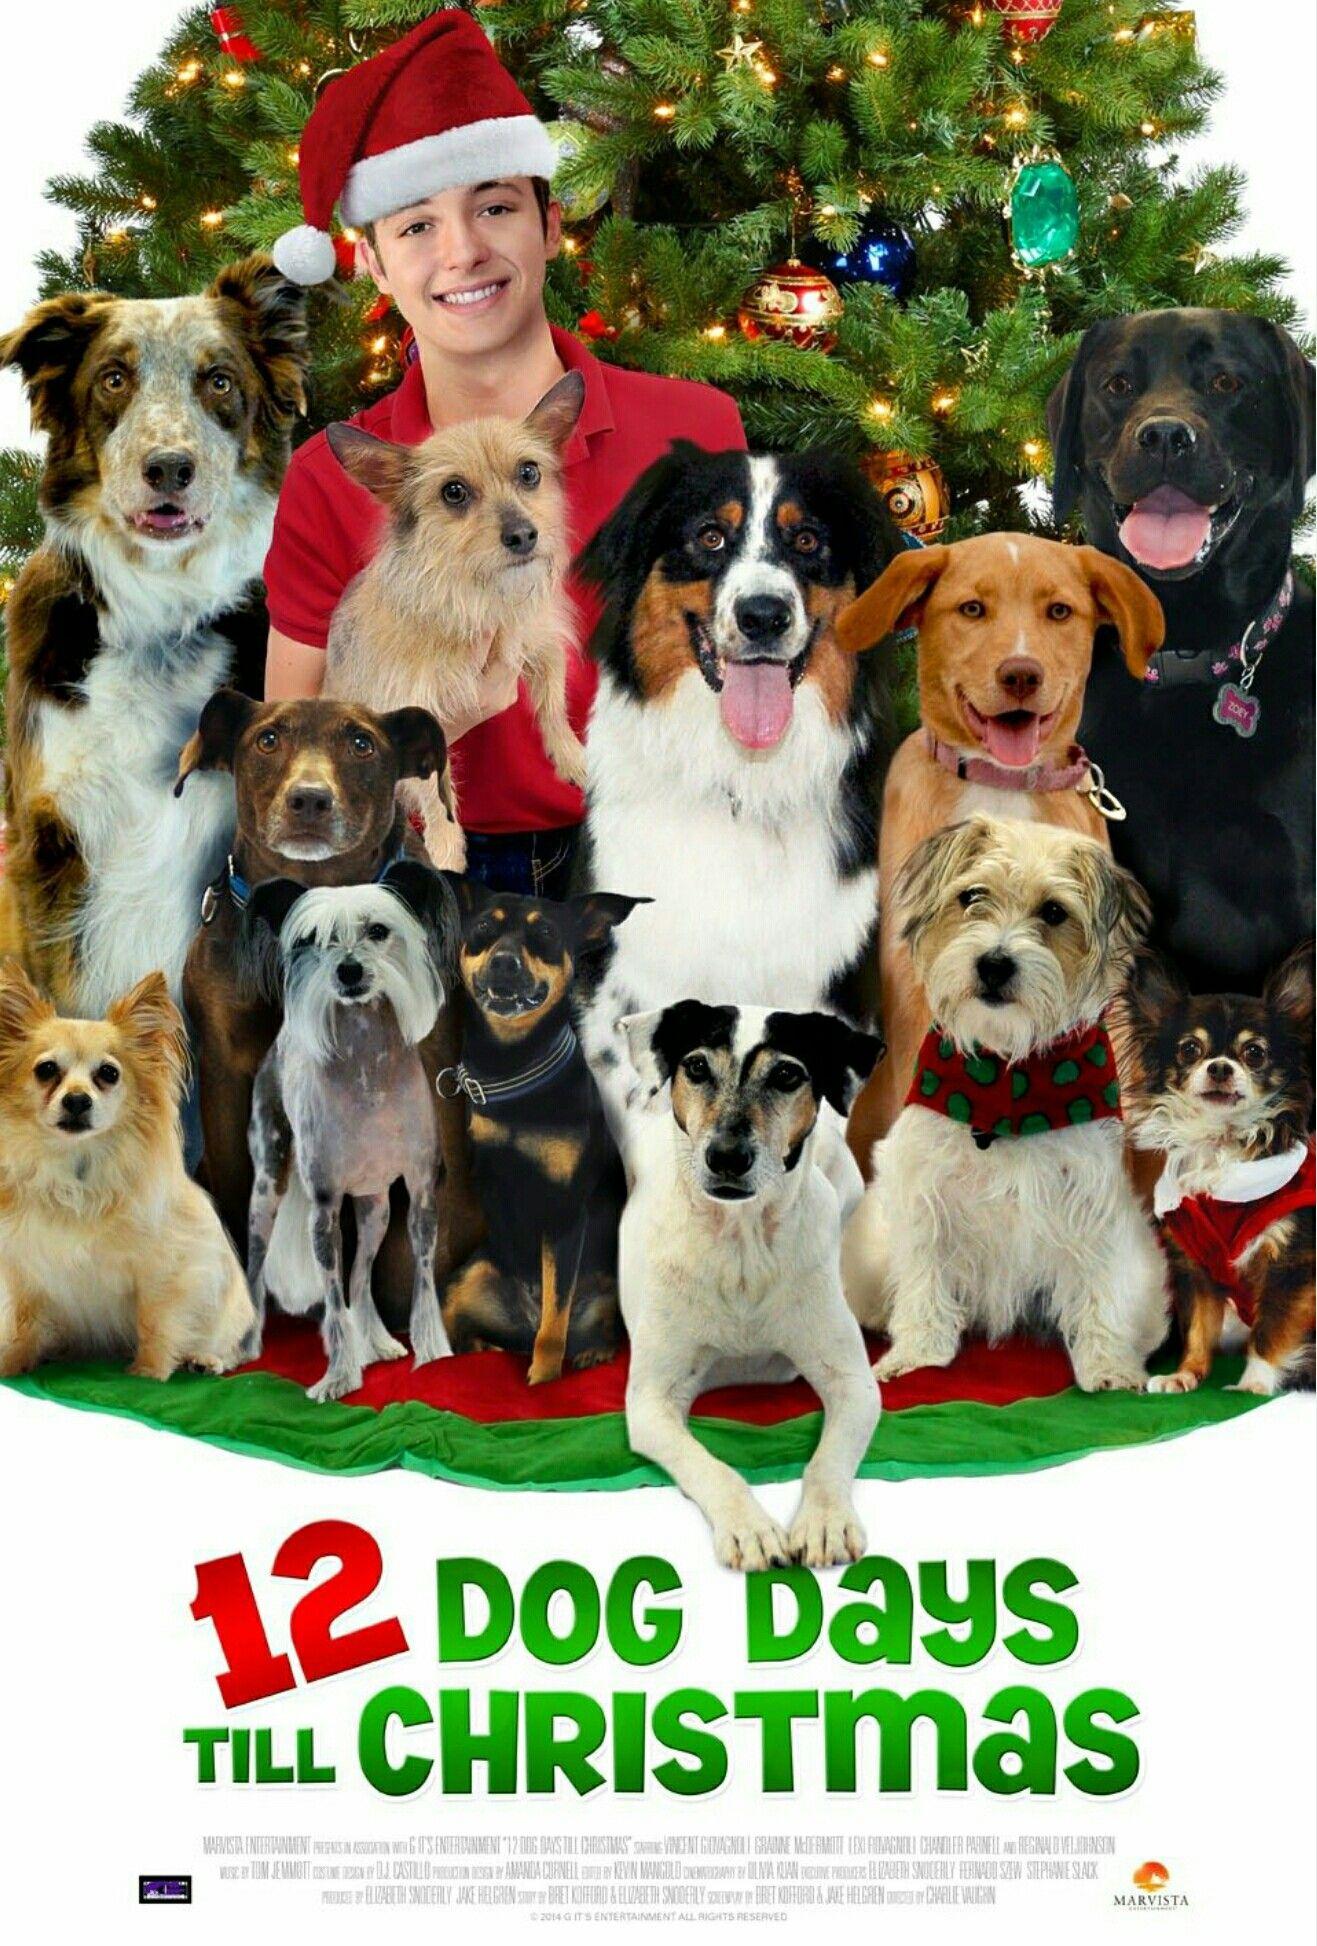 12 Dog Days Till Christmas 2014 Christmas Movies Dog Movies Days Till Christmas